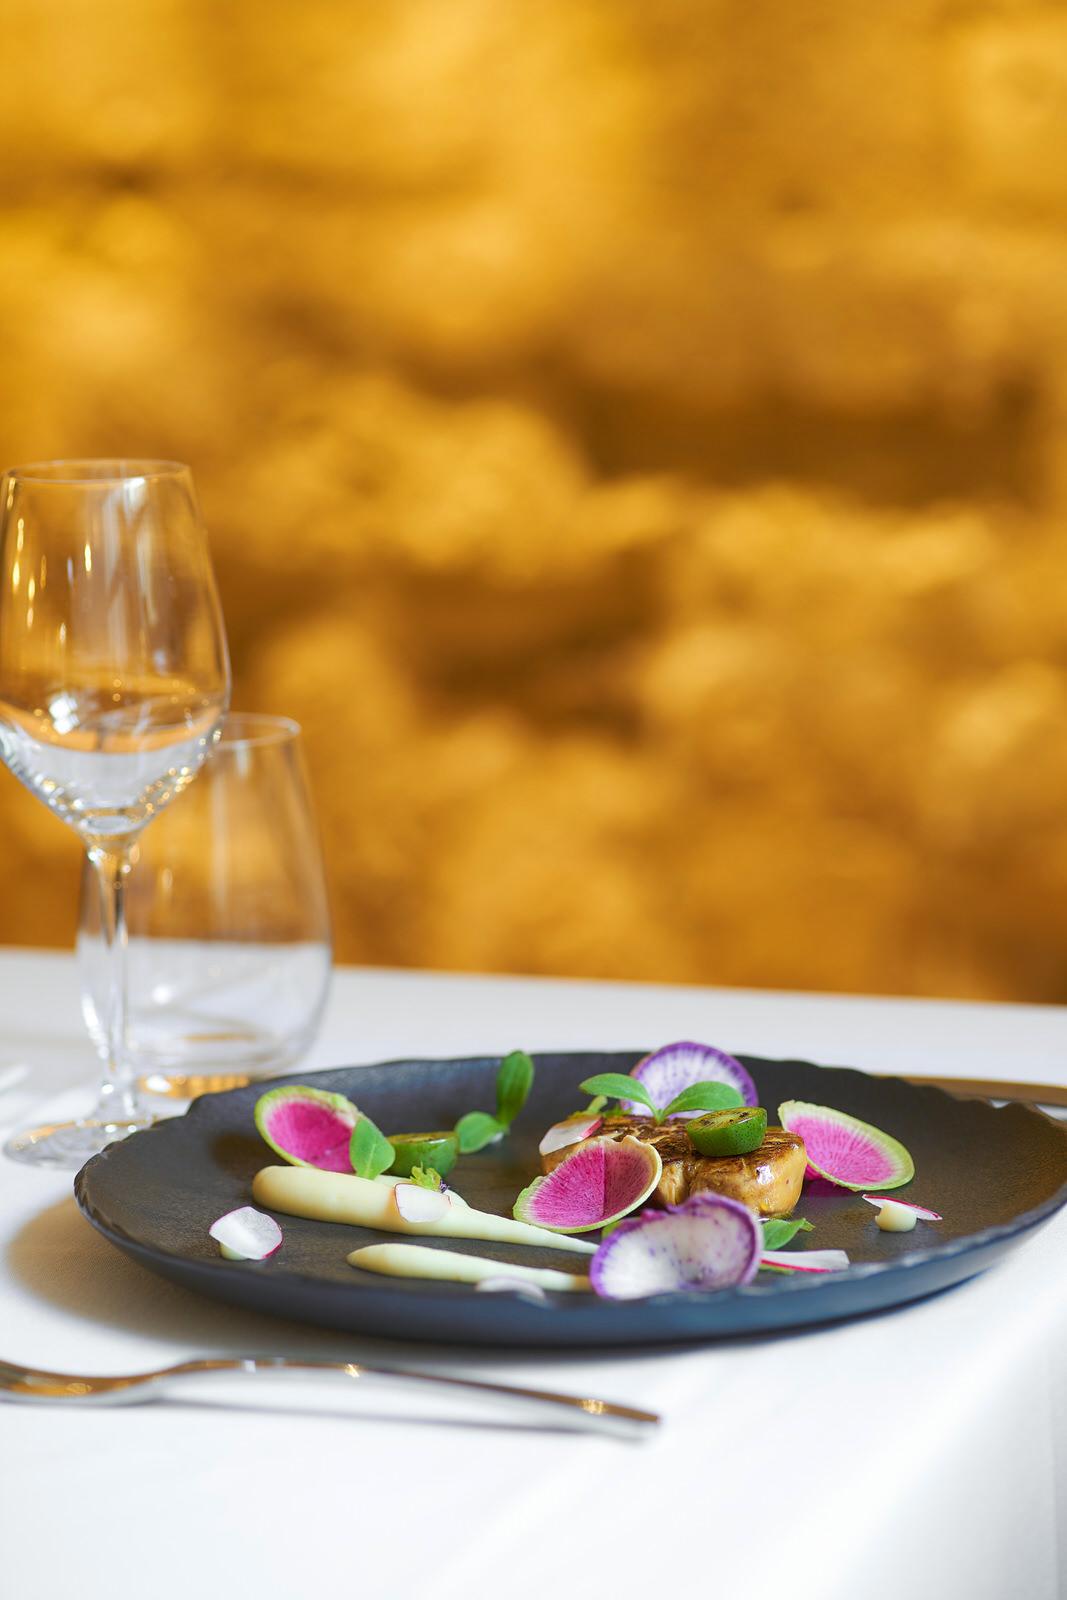 Photographe culinaire - Bordeaux - Entrée - Menu - Thierry Pousset - Bordeaux